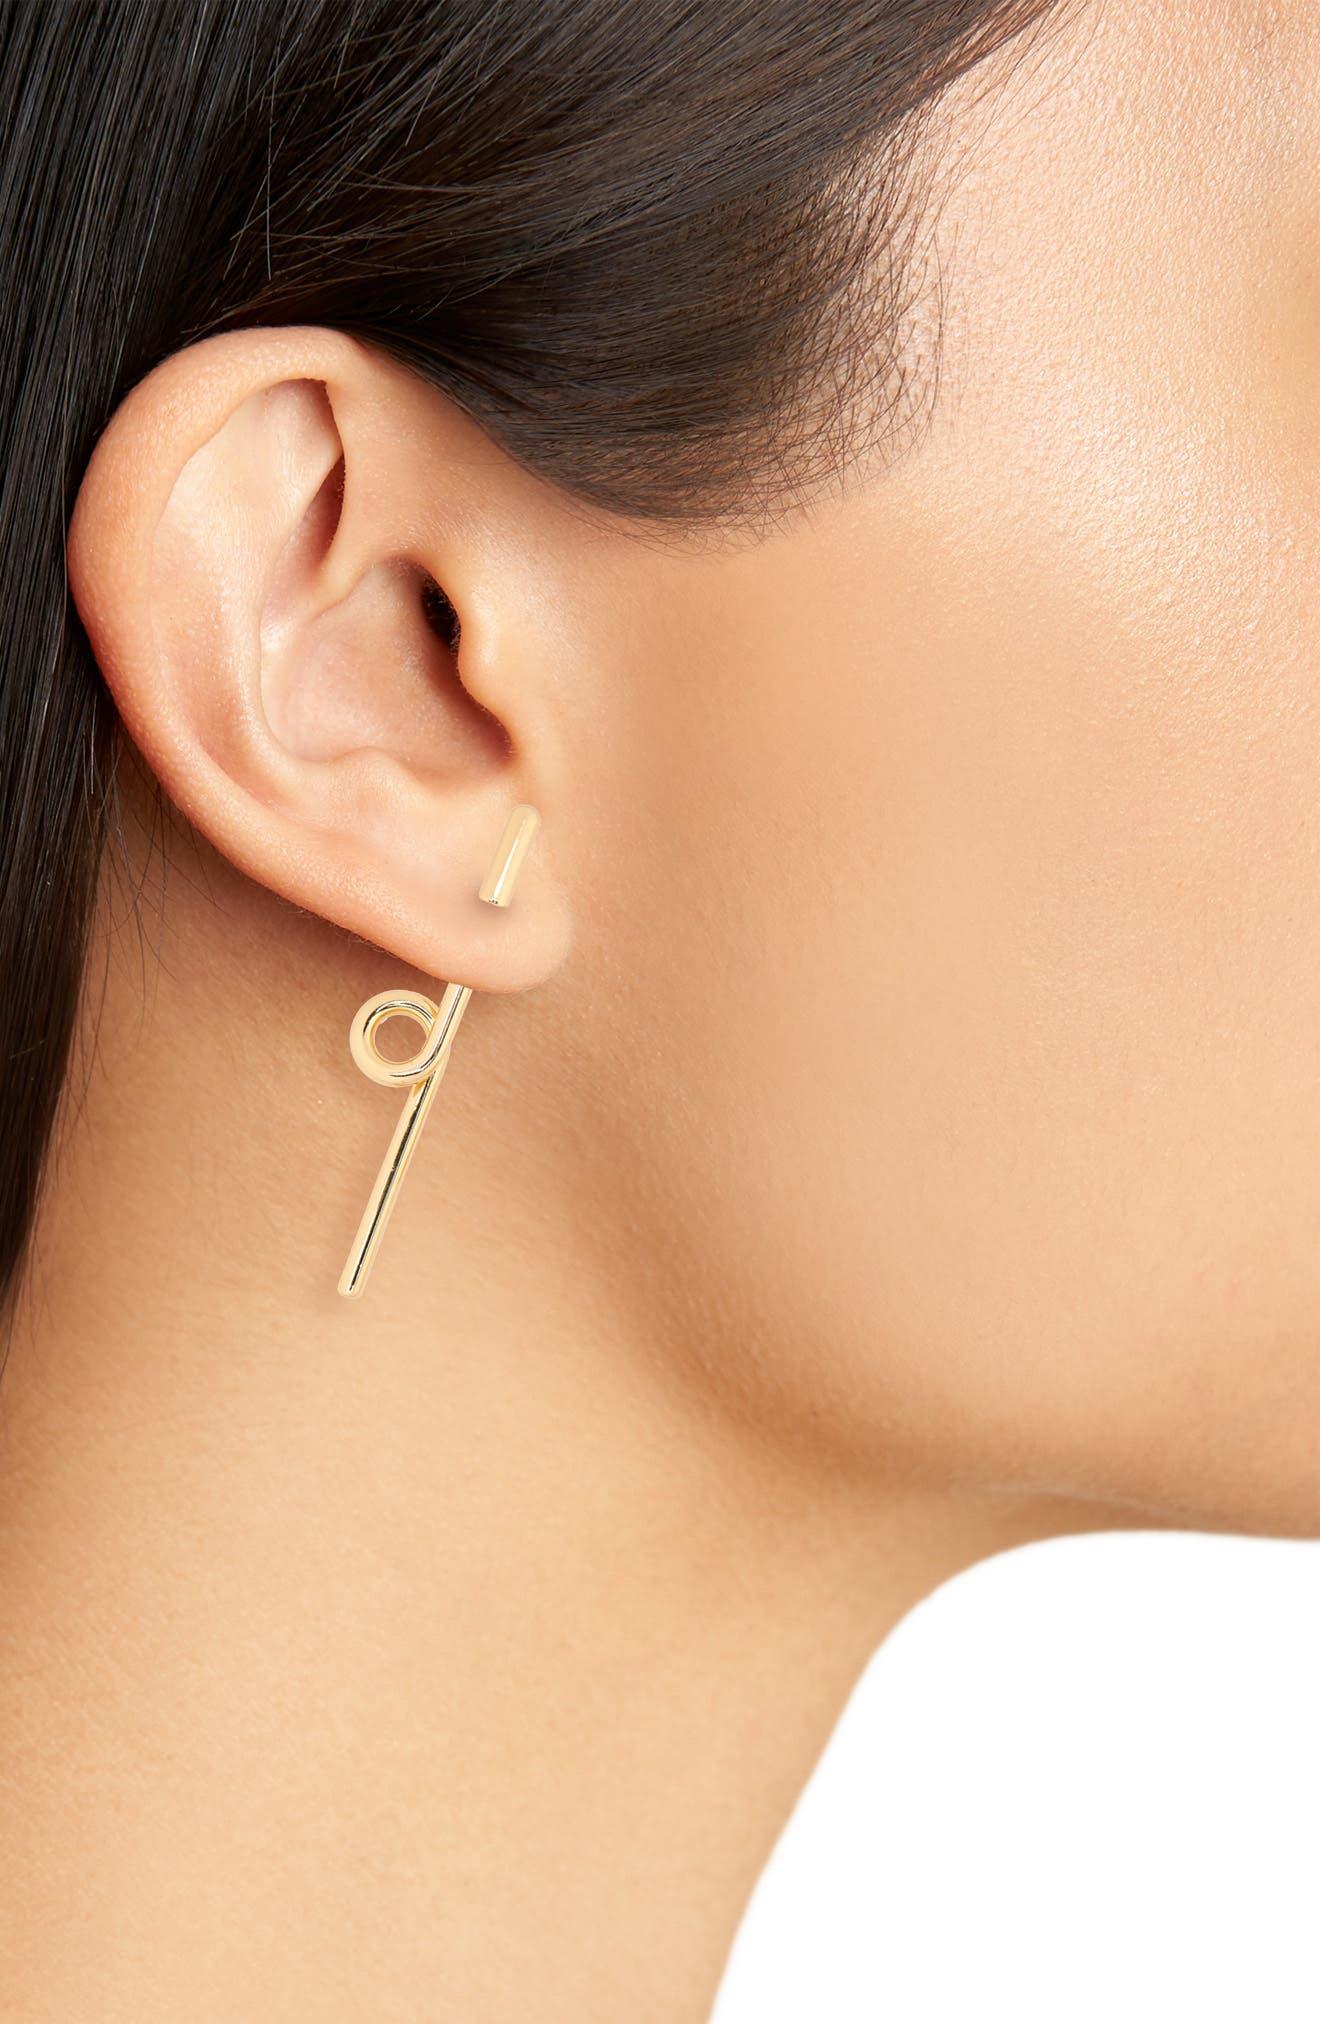 Otis Stick Earrings,                             Alternate thumbnail 2, color,                             GOLD